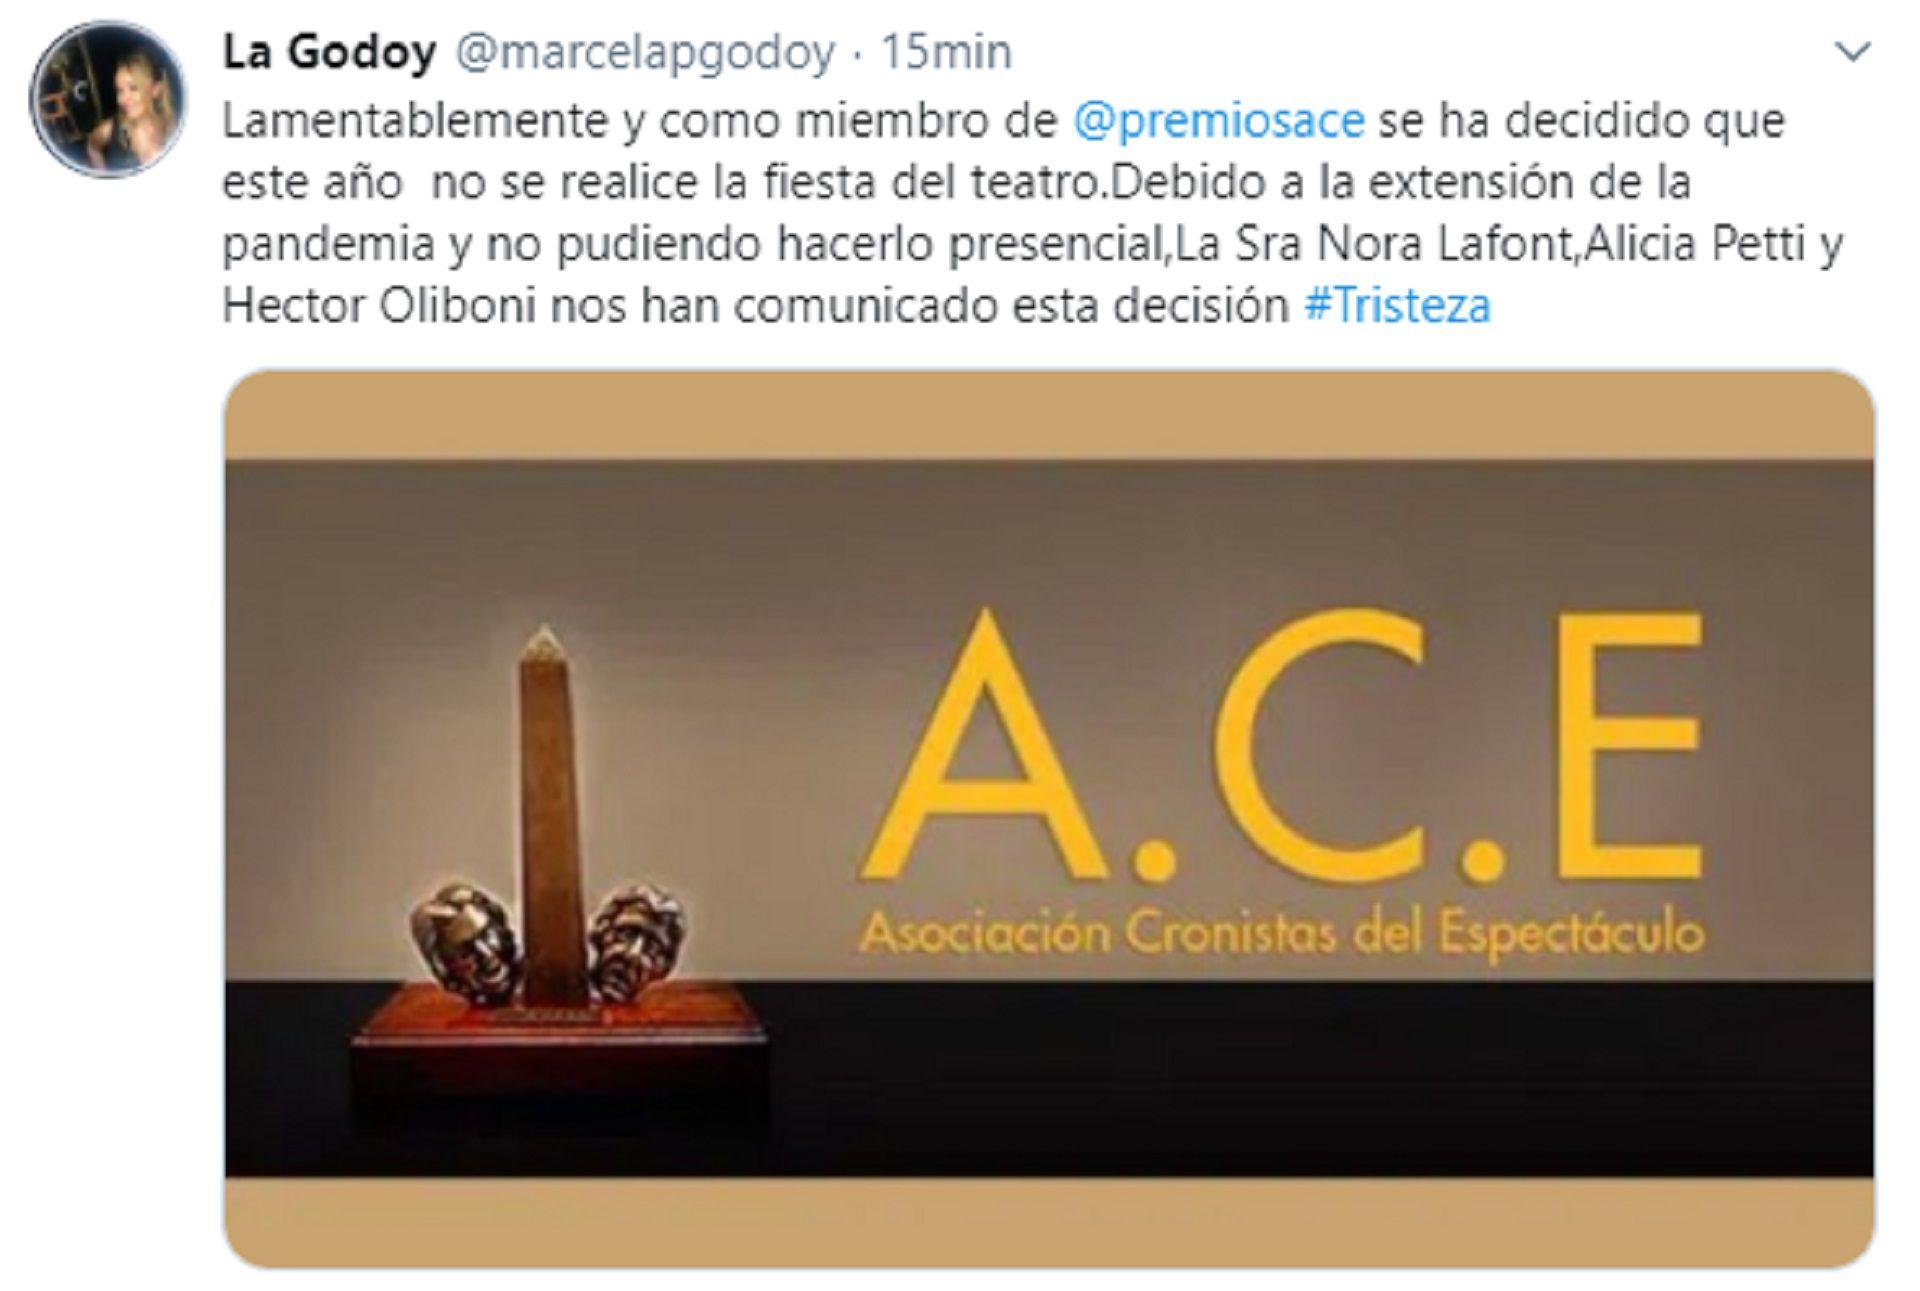 El mensaje de Marcela Godoy